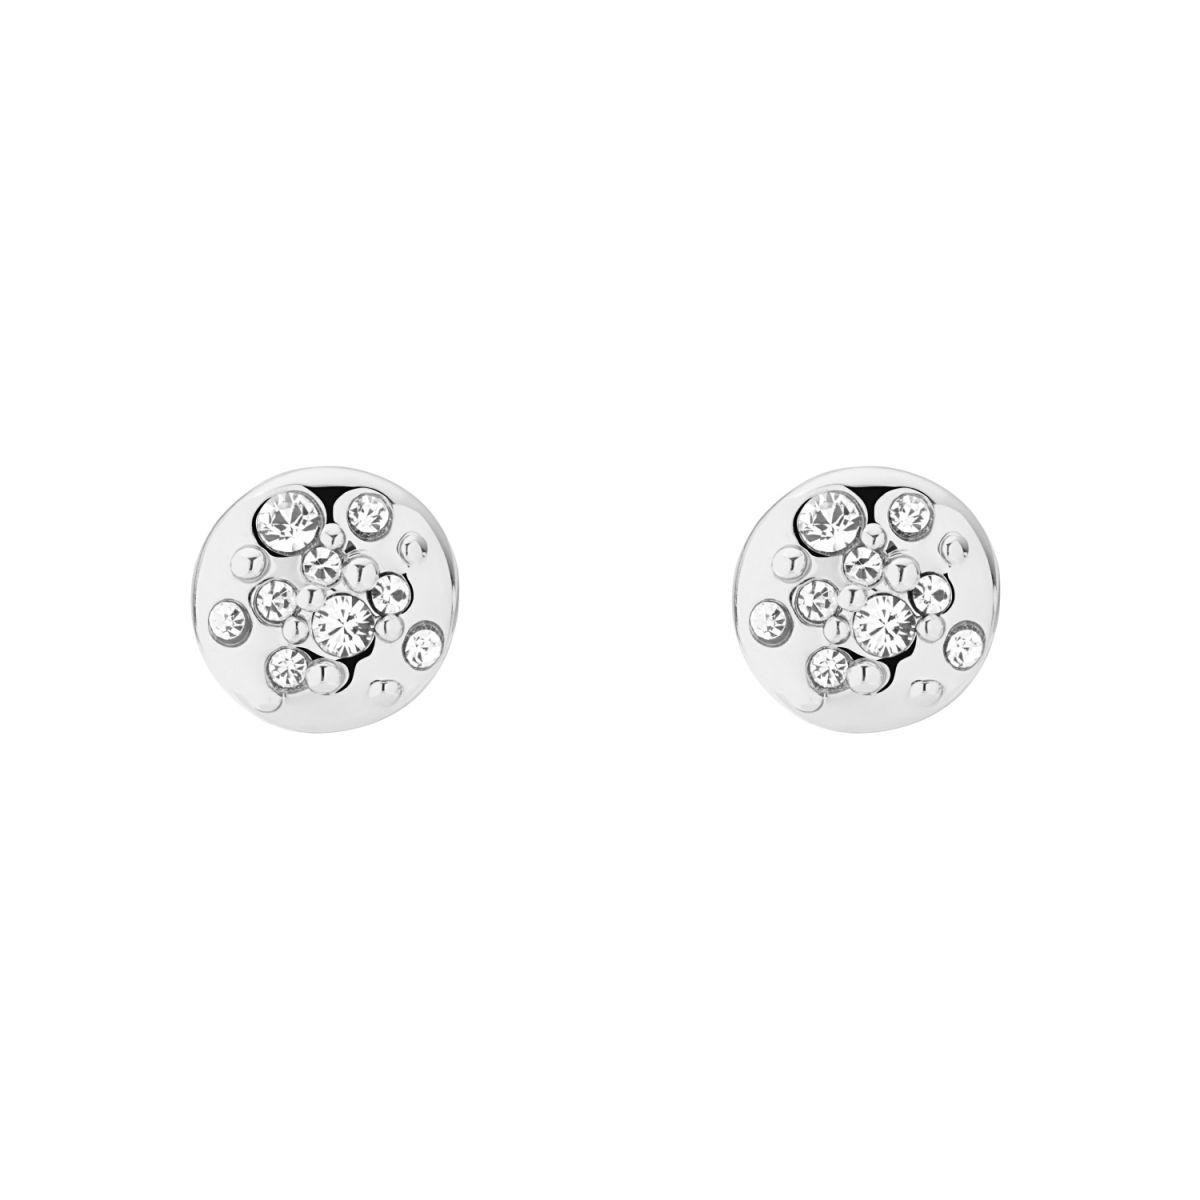 06b399885 Karen Millen | Dames Crystal Sprinkle Stud Earrings | Plastic/ resin  KMJ562-01-02 | NL | Watch Shop™